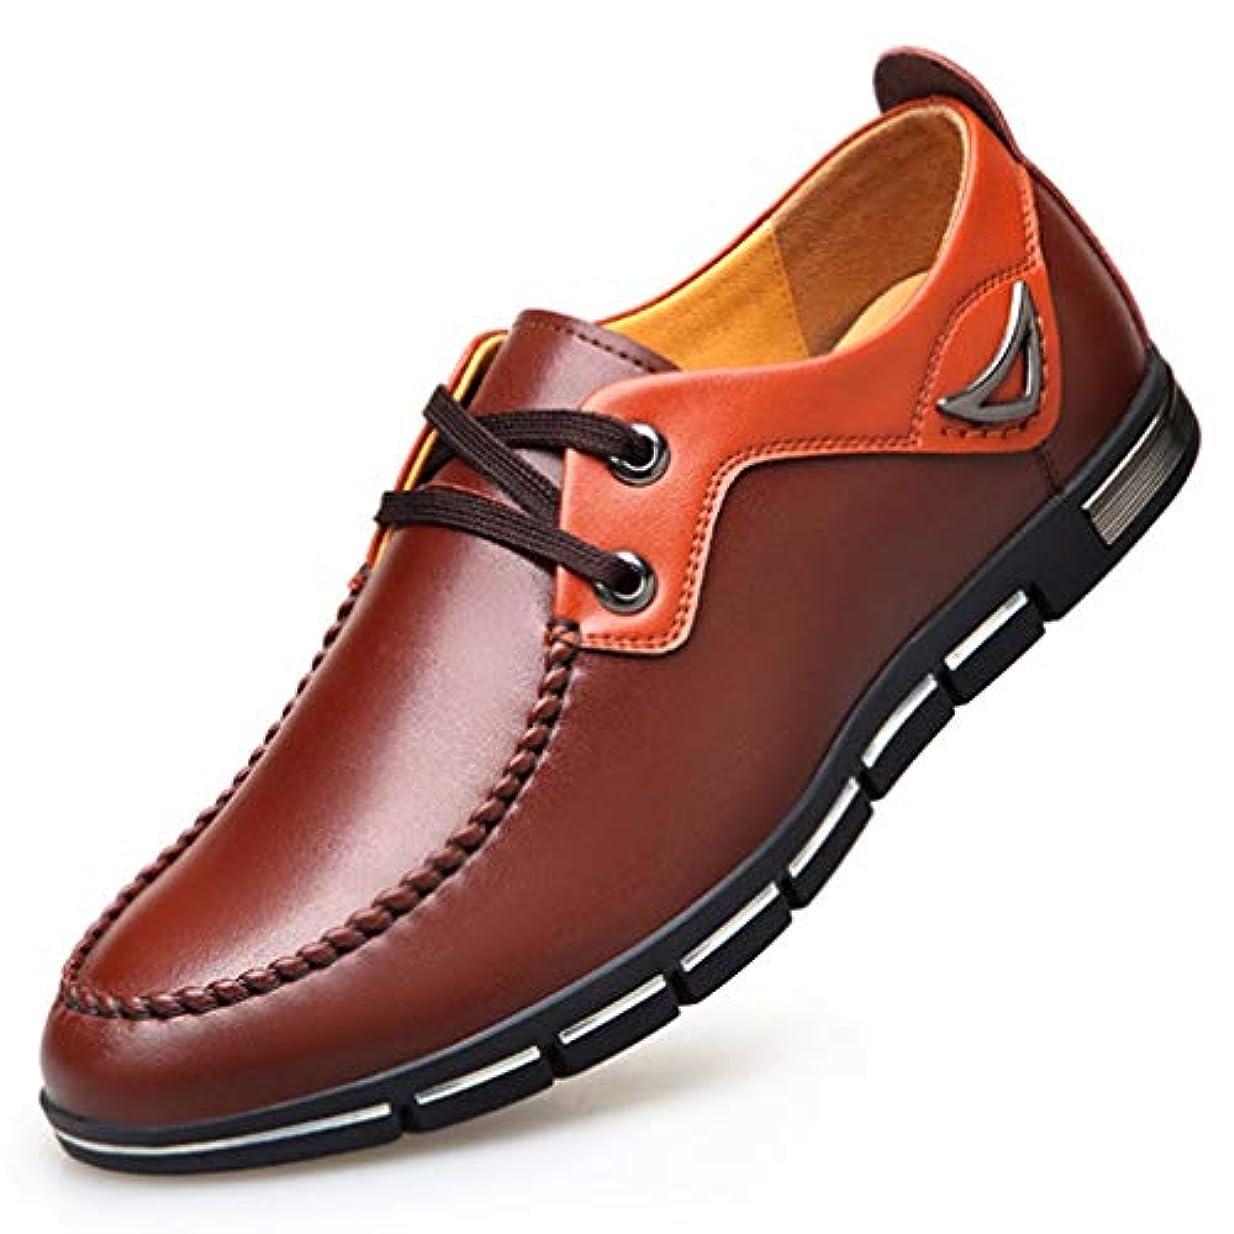 監査モーション壮大なビジネスシューズ メンズ 靴 歩きやすい 革靴 プレーントゥ ワークシューズ 紳士靴 出張 2018 牛革 24.0cm 24.5cm 25.0cm 25.5cm 26.0cm 26.5cm 27.0cm 「イノヤ」